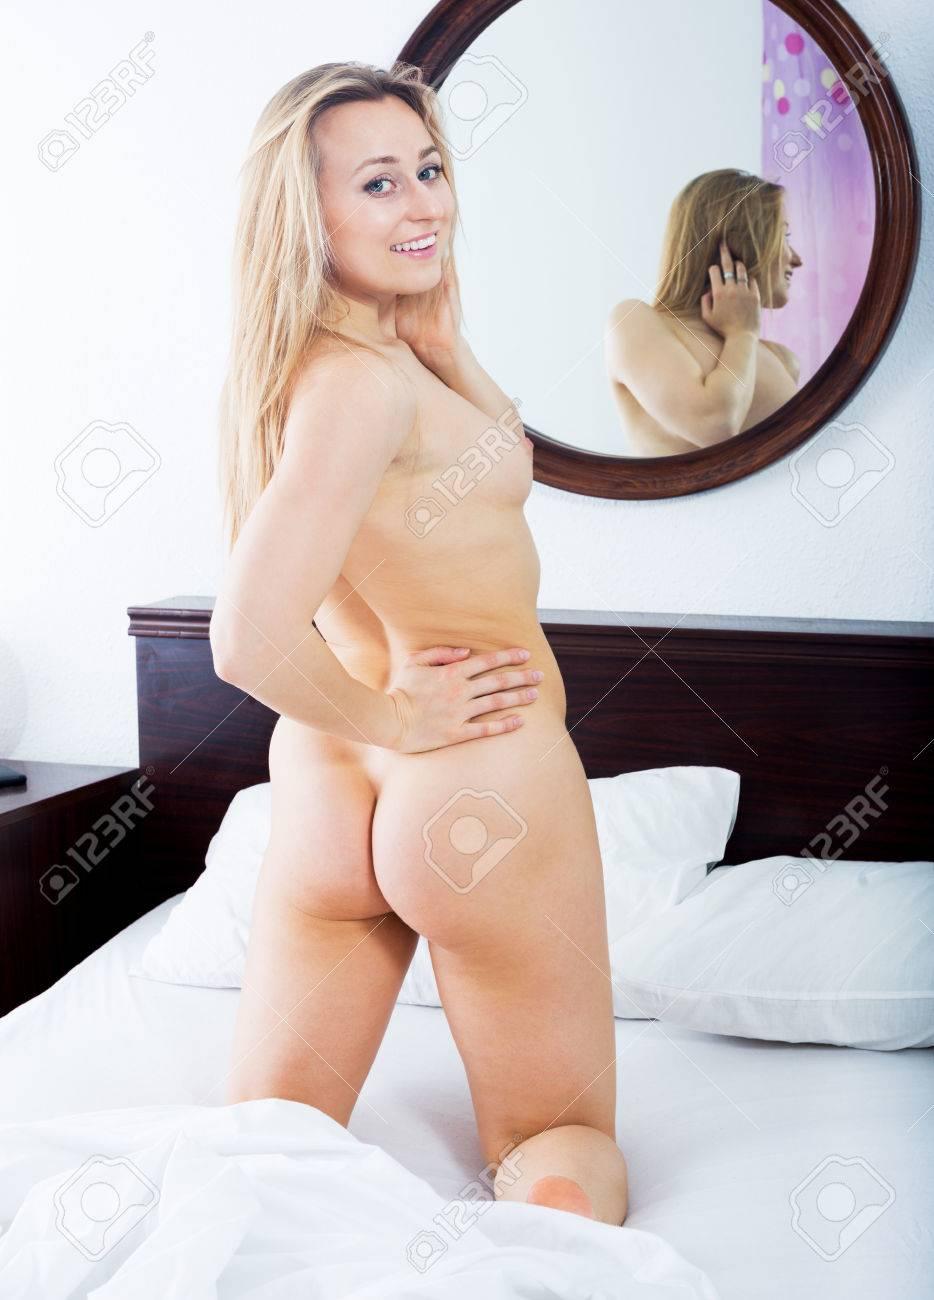 Jeune fille sexy nue